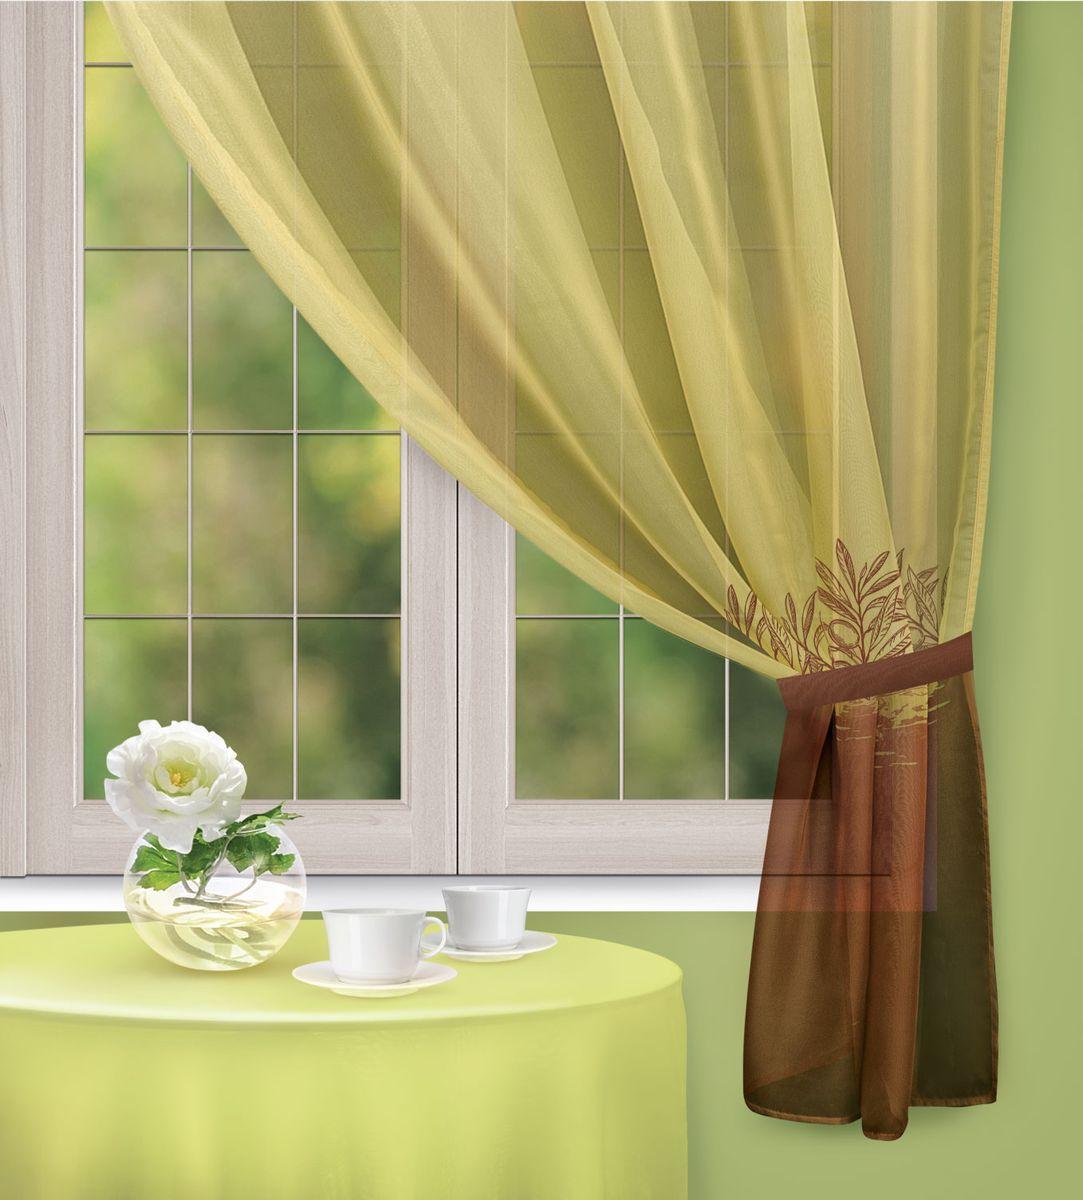 Штора Home Queen Olive Dream, на петлях, цвет: оливково-коричневый, высота 170 см67398Изящная штора Home Queen Olive dream выполнена из 100% полиэстера. Полупрозрачная ткань, приятная цветовая гамма, цветочный рисунок привлекут к себе внимание и органично впишутся в интерьер помещения. Такая штора идеально подходит для солнечных комнат, а также для кухни. Мягко рассеивая прямые лучи, она хорошо пропускает дневной свет и защищает от посторонних глаз. В комплект входит подхват, с помощью которого вы сможете придать шторе нужную форму. Эта штора будет долгое время радовать вас и вашу семью! Штора крепится на петлях. Размер подхвата: 30 см х 4,5 см.